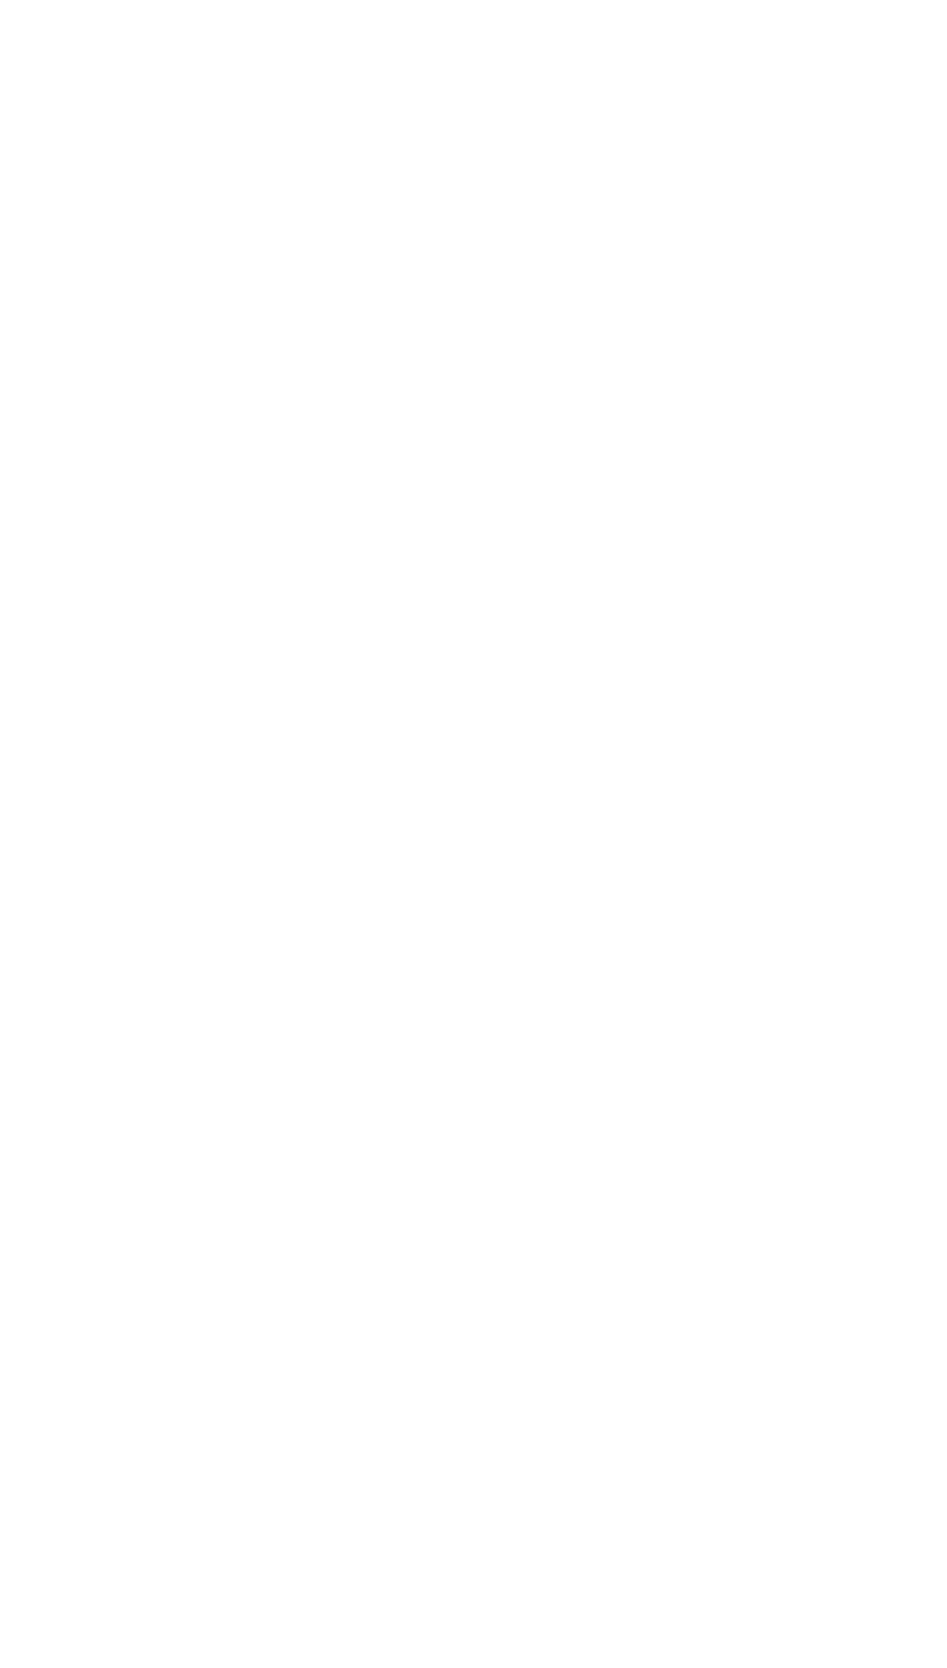 ITEM 1253037 - ORIGINAL STROOPWAFELS 1.jpg